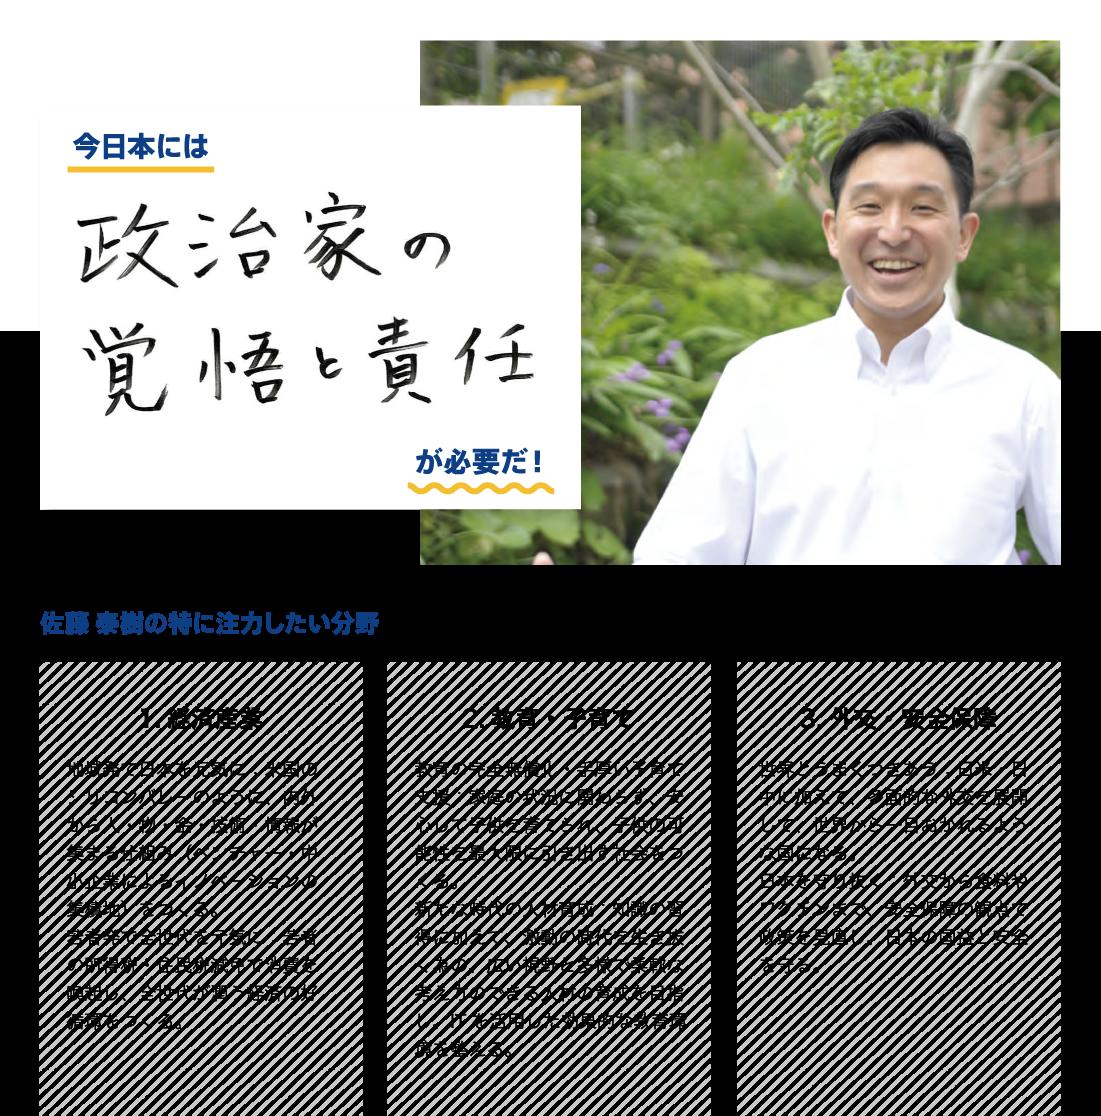 ●今日本には「政治家の覚悟と責任」が必要だ! ●佐藤泰樹が特に注力したい分野:経済産業「地域発で日本を元気に:米国のシリコンバレーのように、内外から人・物・金・技術・情報が集まる仕組み(ベンチャー・中小企業によるイノベーションの集積地)をつくる。若者発で全世代を元気に:若者の所得税・住民税減免で消費を喚起し、全世代が潤う経済の好循環をつくる。」、教育・子育て「教育の完全無償化・手厚い子育て支援:家庭の状況に関わらず、安心して子供を育てられ、子供の可能性を最大限に引き出す社会をつくる。新たな時代の人材育成:知識の習得に加えて、激動の時代を生き抜く為の、広い視野と多様で柔軟な考え方のできる人材の育成を目指し、ITを活用した効果的な教育環境を整える。」、外交・安全保障「世界とうまくつきあう:日米・日中に加えて、多面的な外交を展開して、世界から一目おかれるような国になる。日本を守り抜く:外交から食料やワクチンまで、安全保障の観点で政策を見直し、日本の国益と安全を守る。」